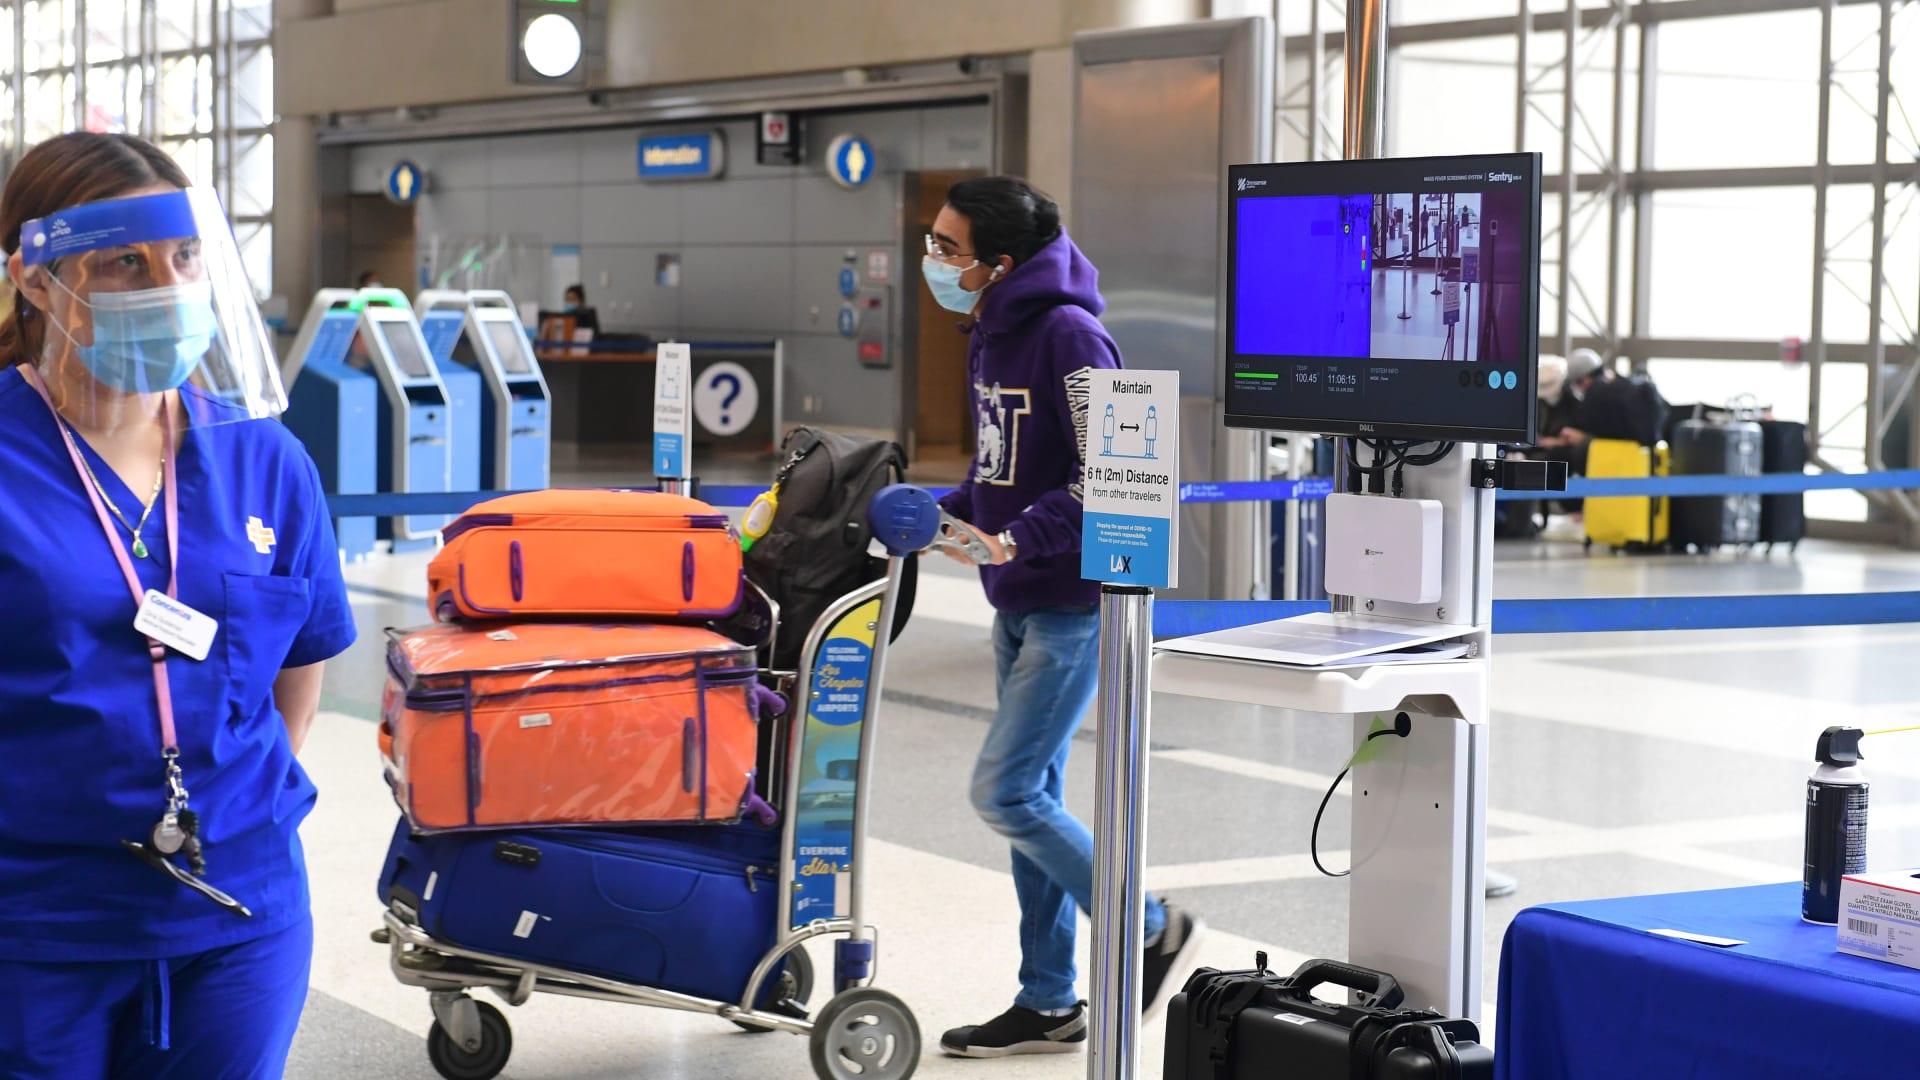 الاتحاد الأوروبي قد يمنع دخول المسافرين الأمريكيين بسبب كورونا